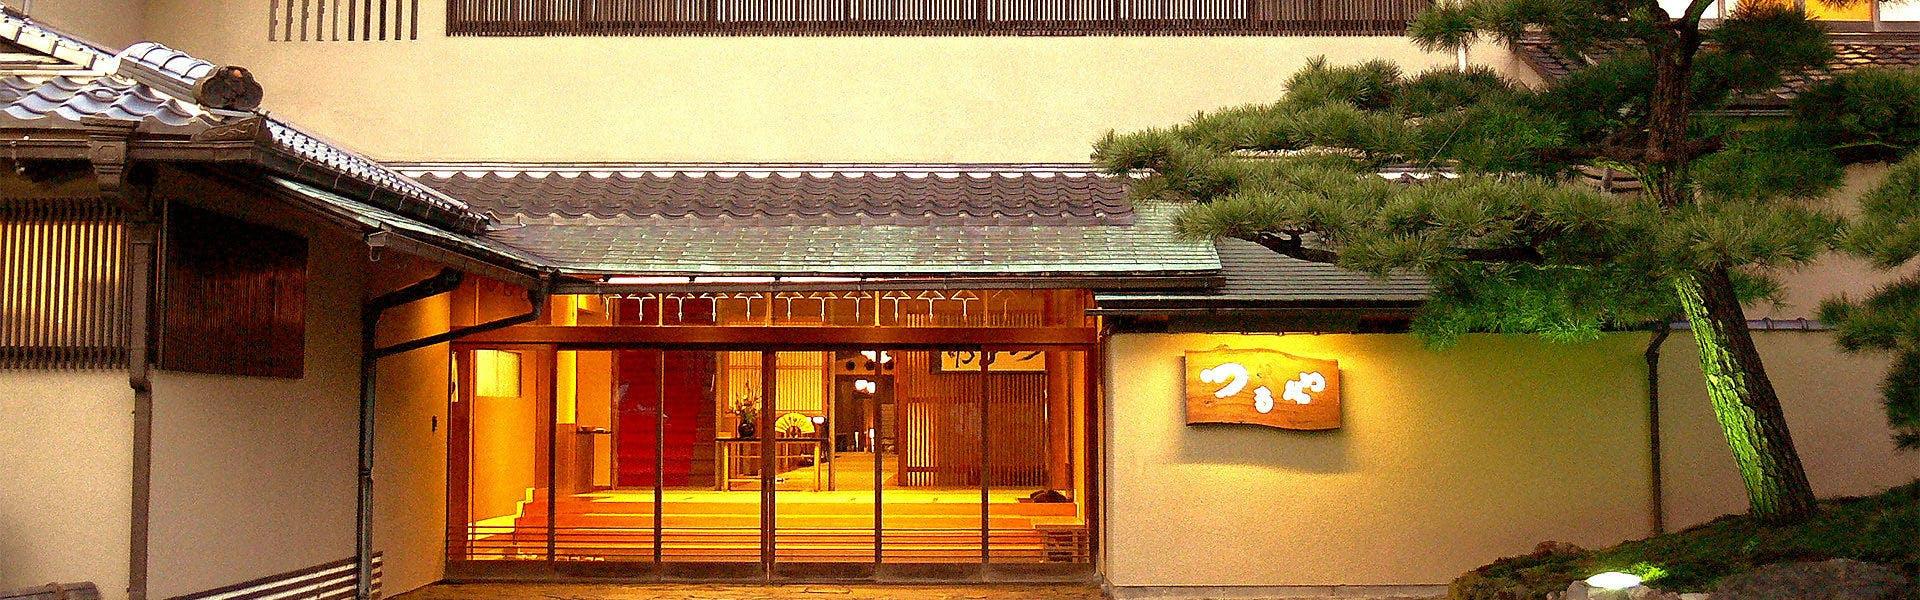 記念日におすすめのホテル・越前あわら温泉 大人の湯宿 つるやの写真1